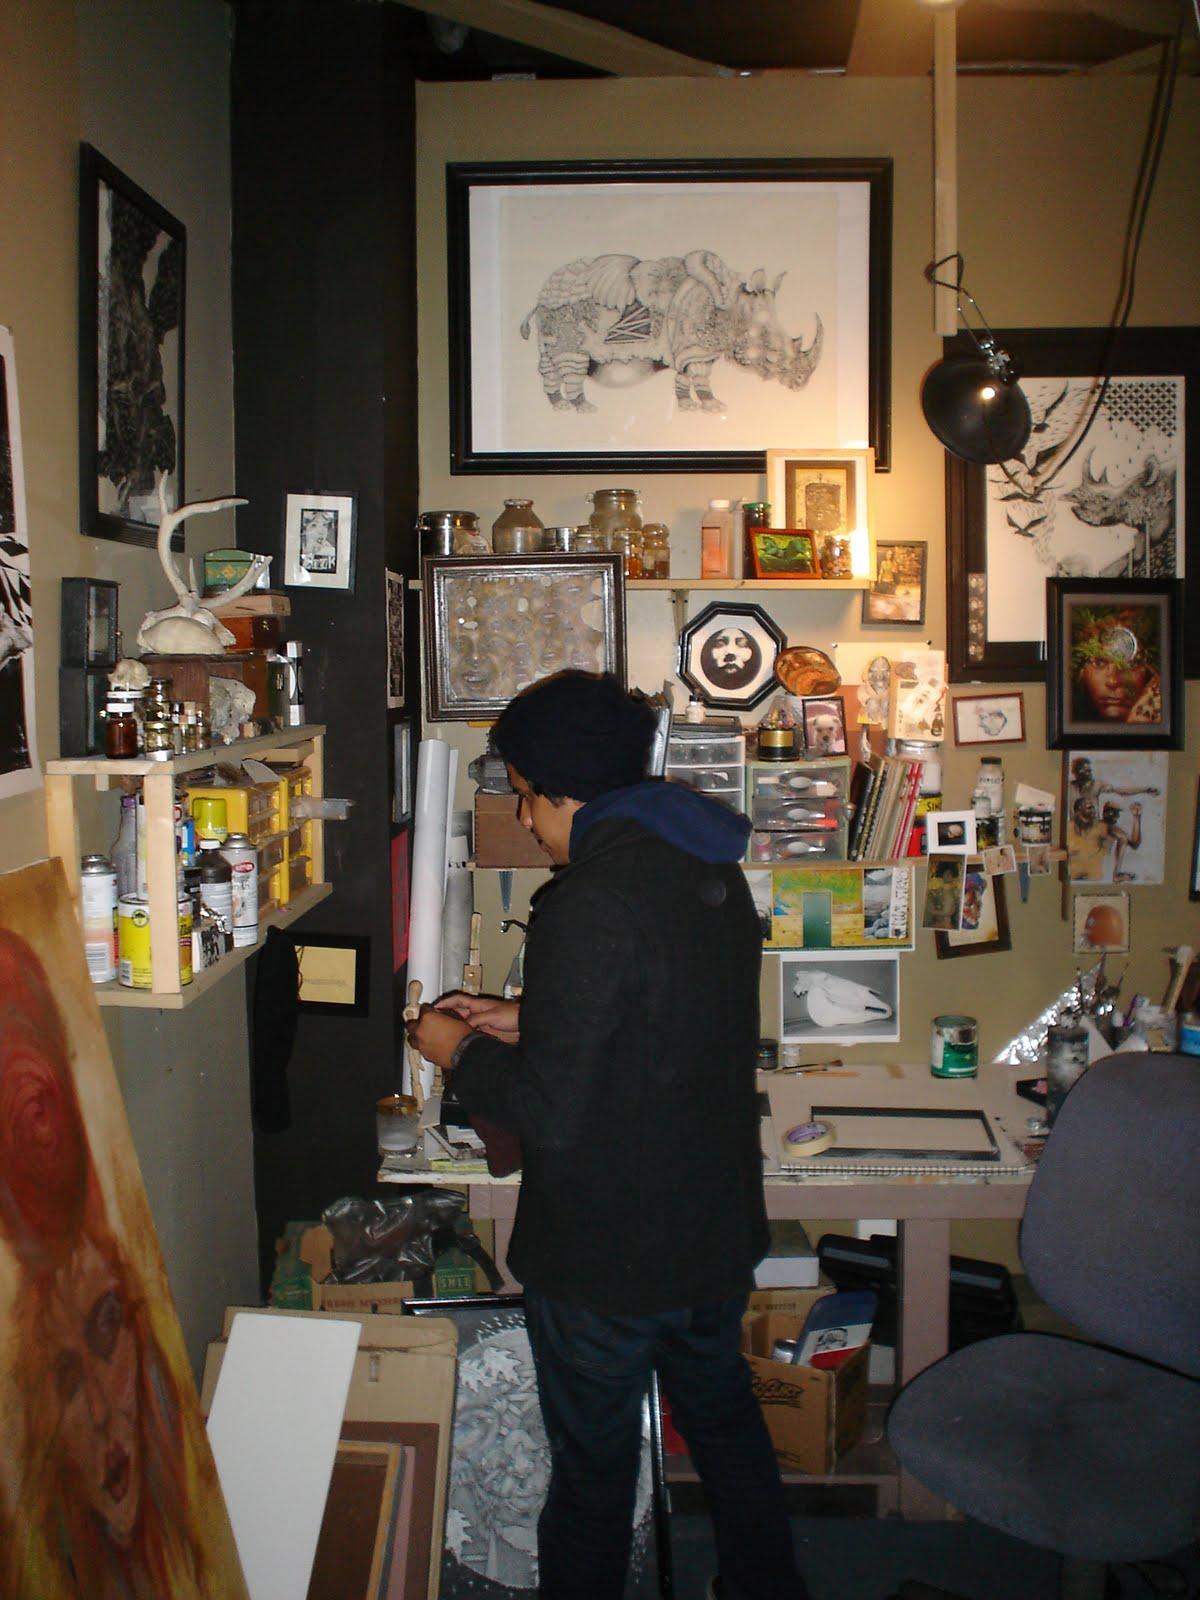 [studio+visit]